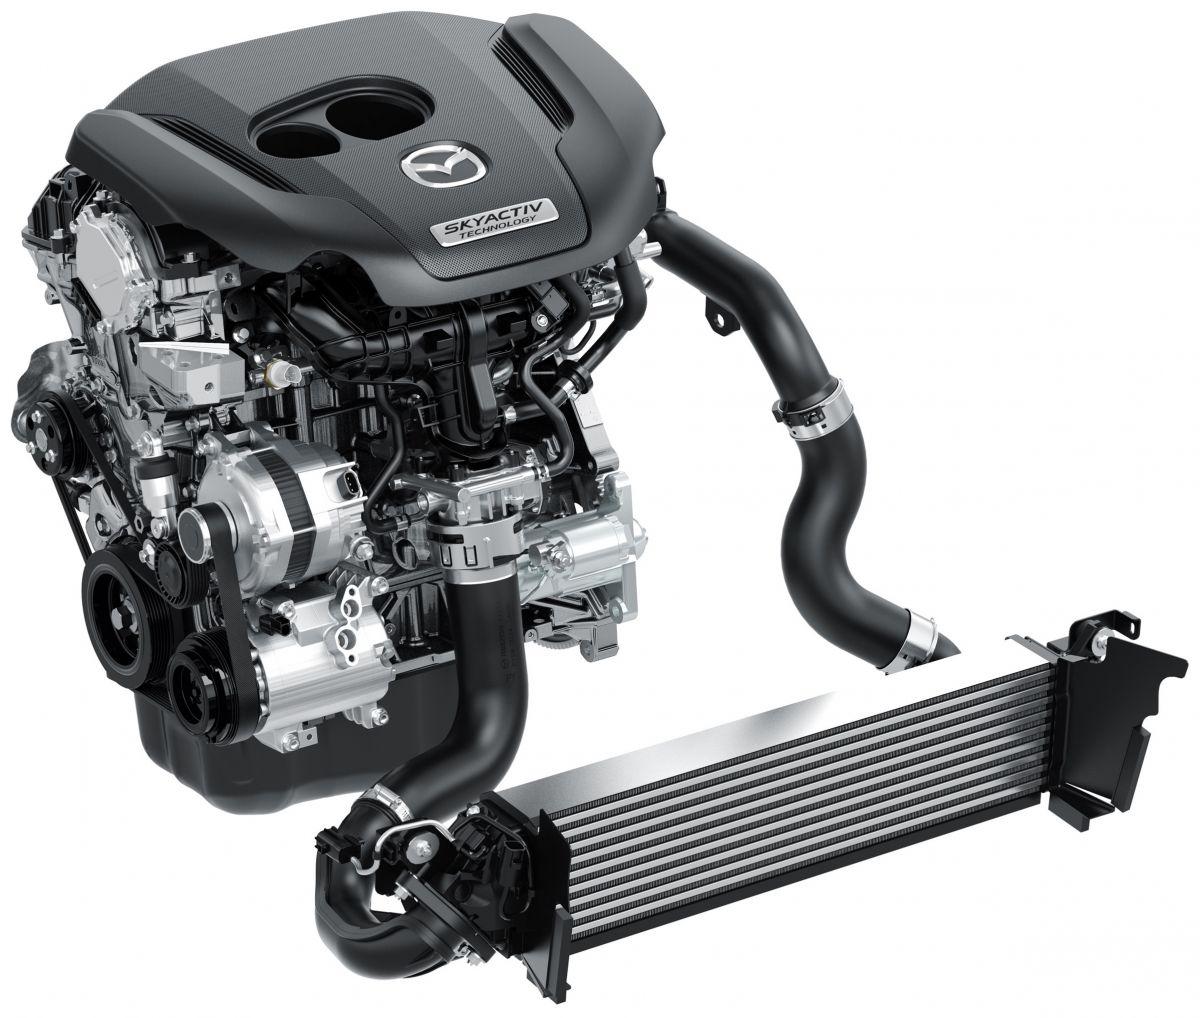 Mazda-CX-8-nang-cap-dong-co-2-5-L-turbo-va-cong-nghe-GVC-Plus-anh-2